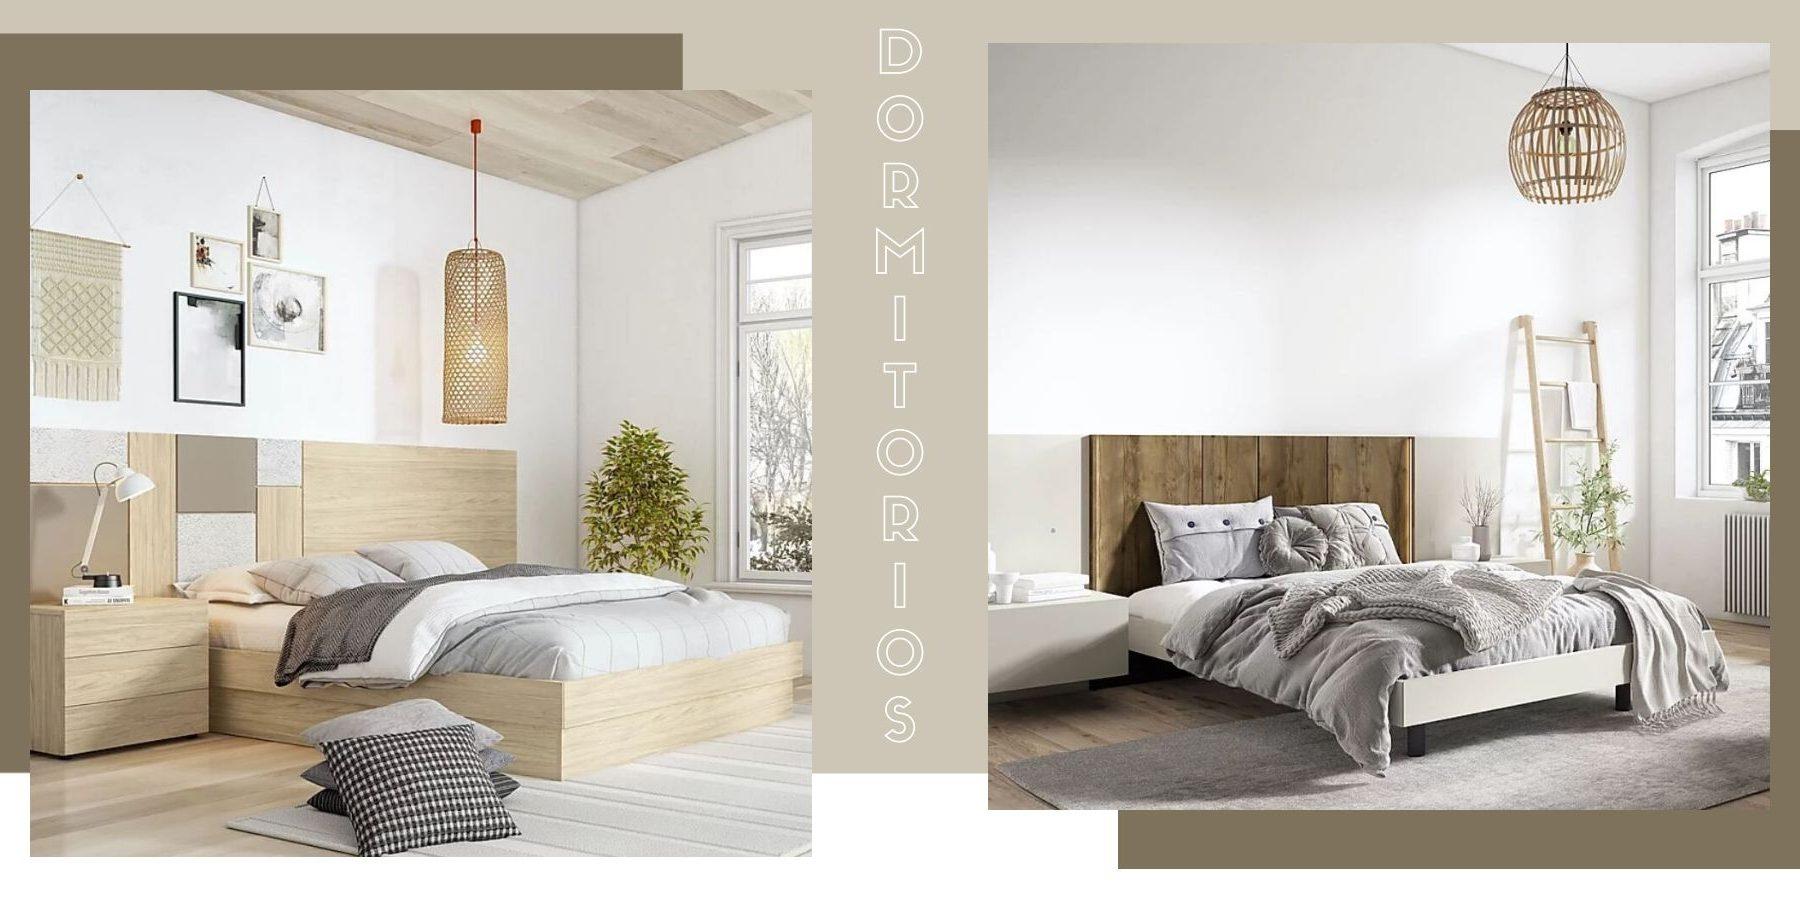 dormitorios-la-silla